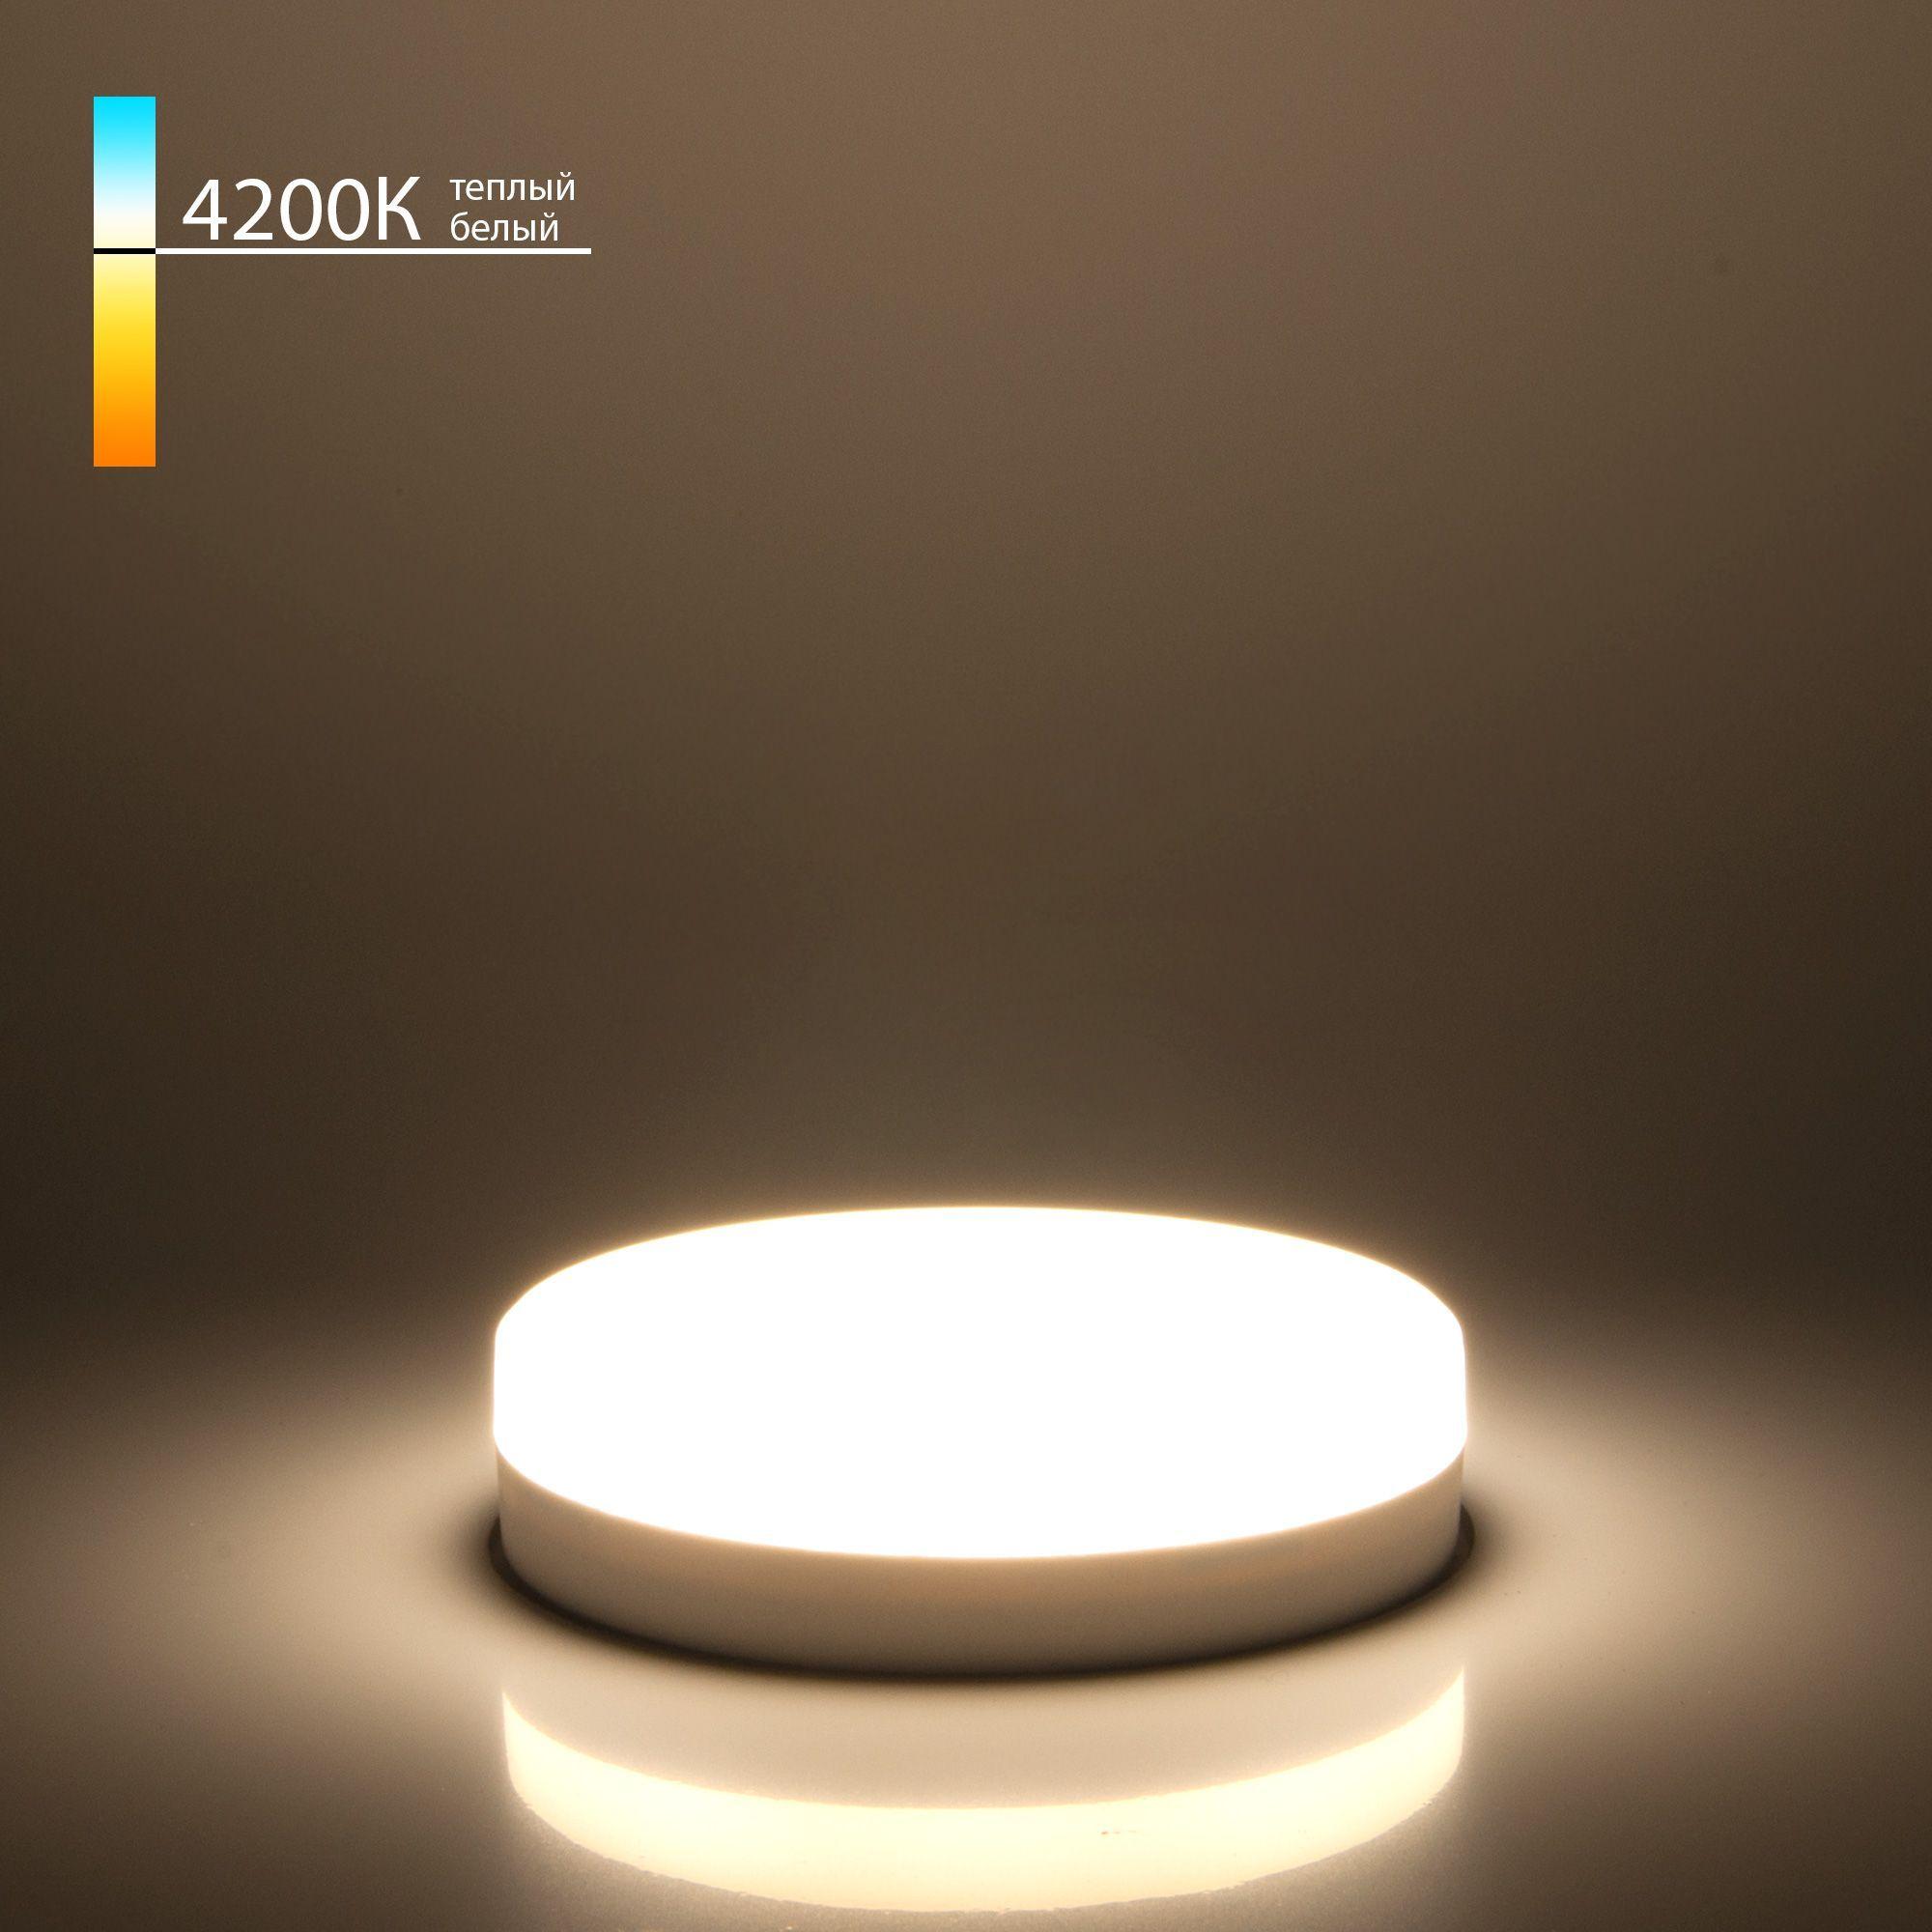 Светодиодная лампа 12W 4200К GX53 GX53 LED PC 12W 4200К